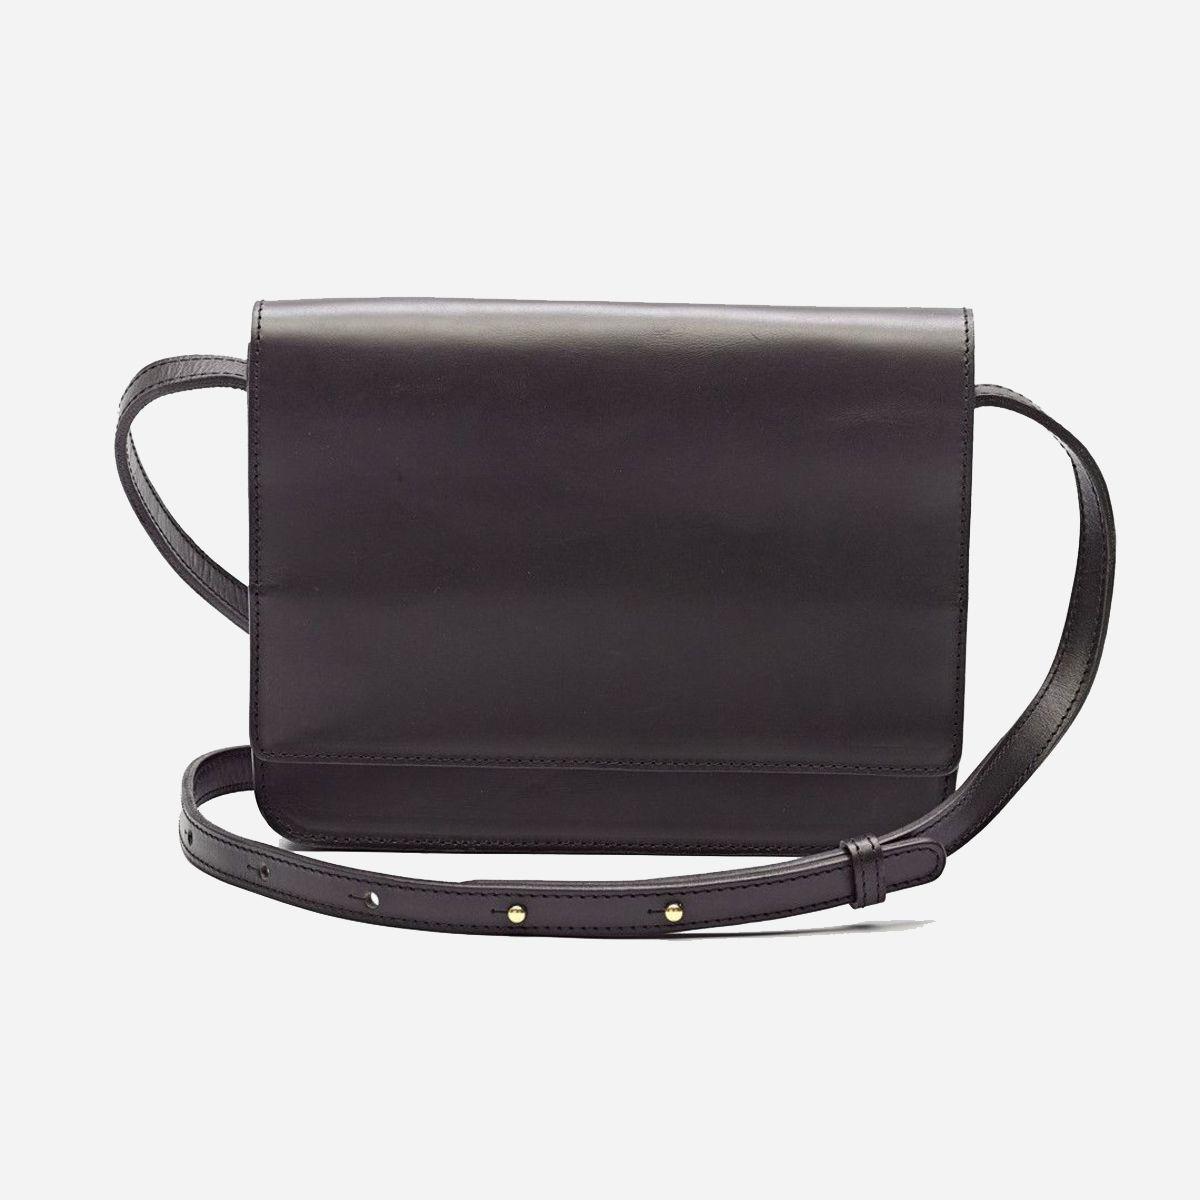 A crossbody satchel